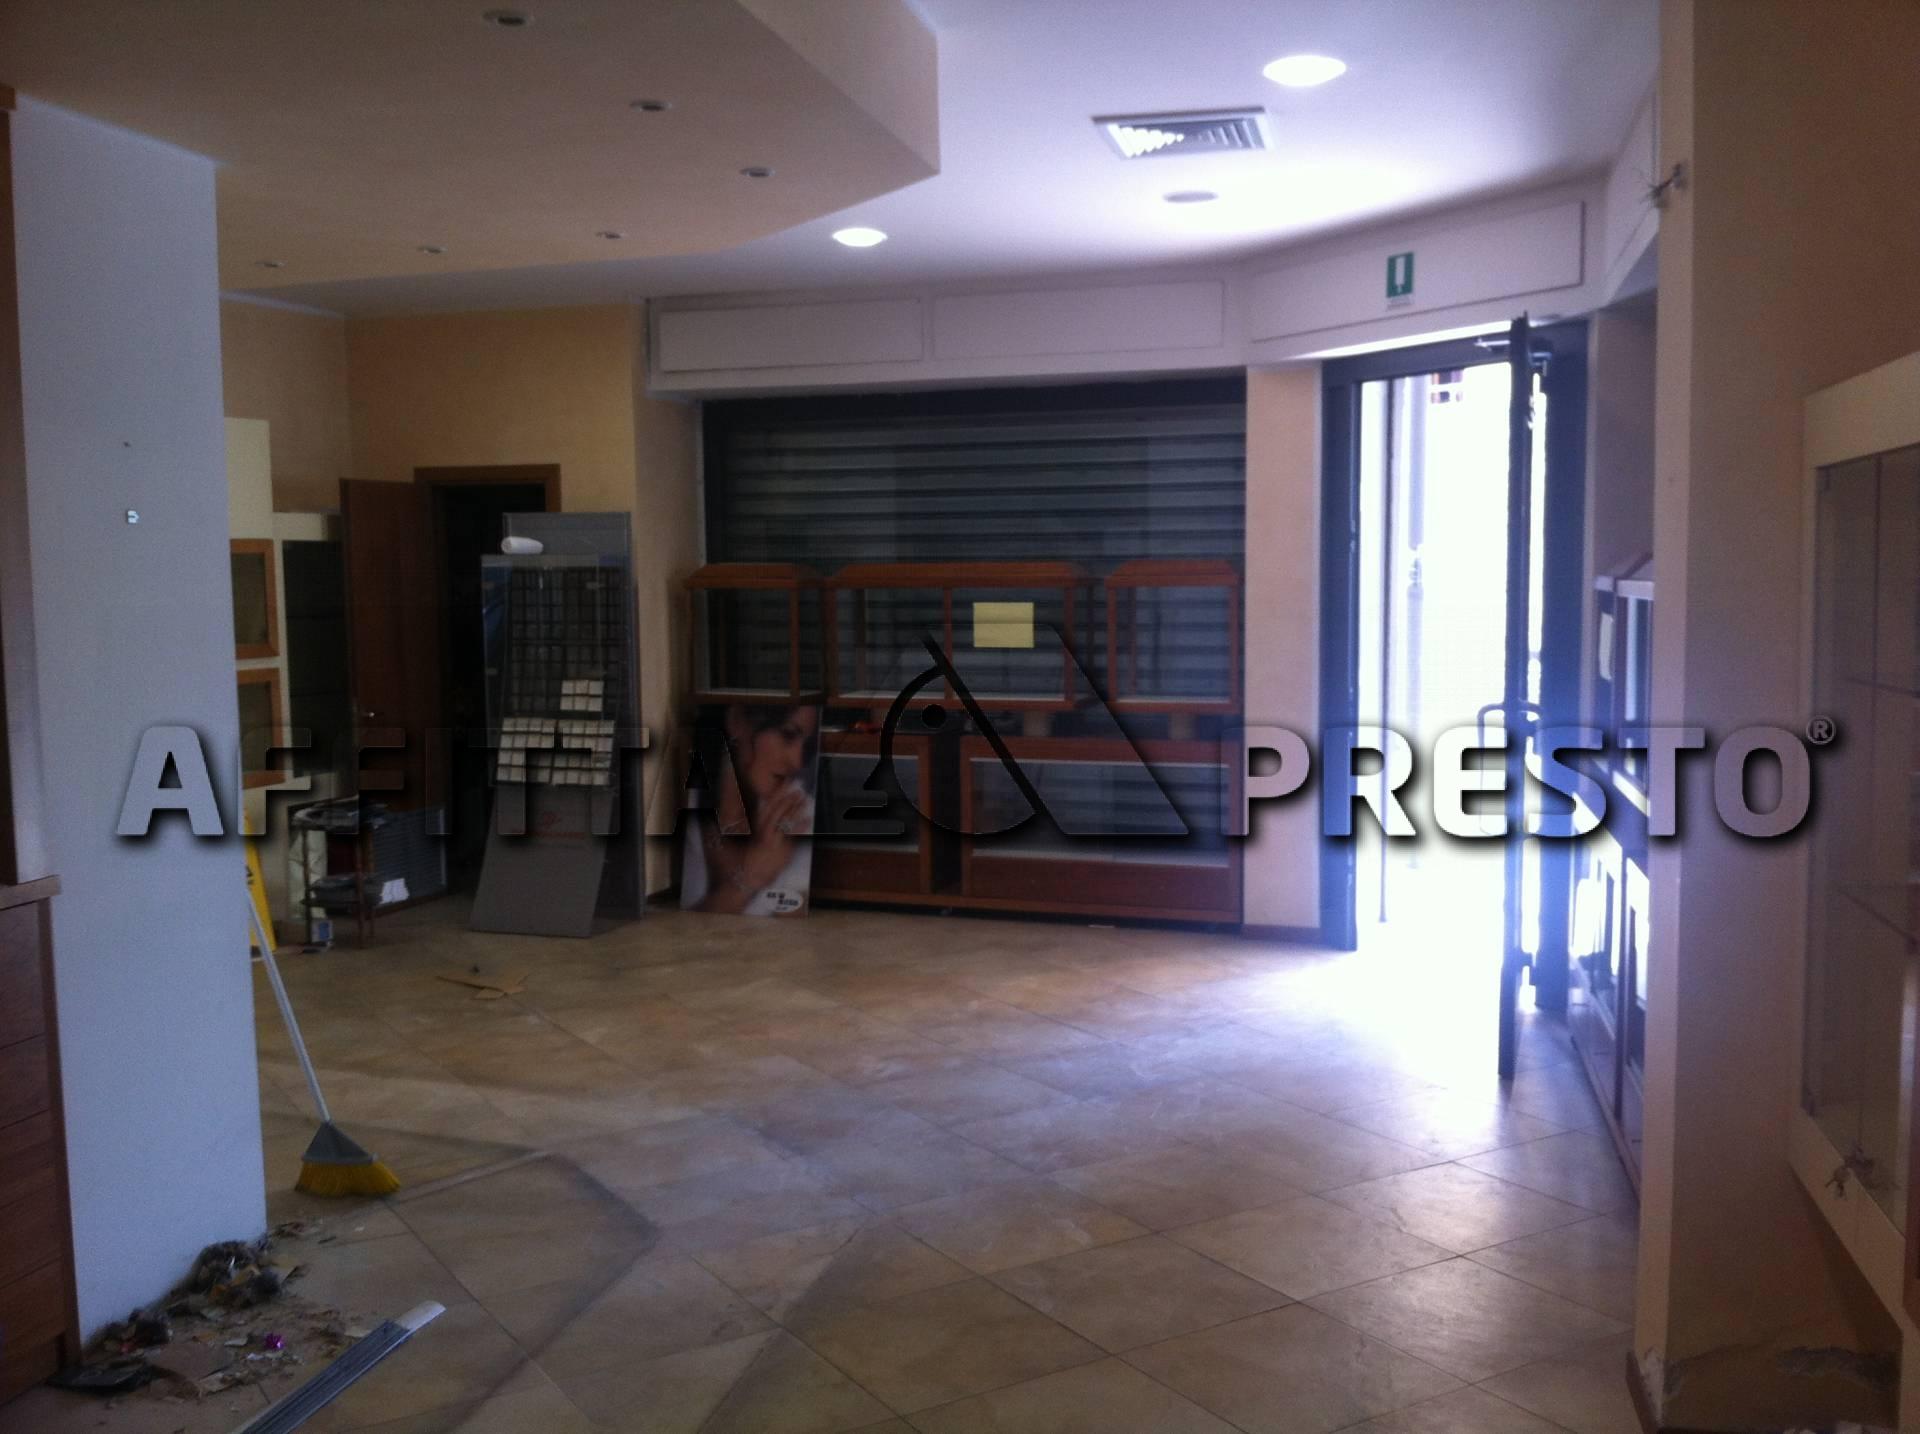 Attività / Licenza in affitto a Livorno, 9999 locali, zona Località: PortaaMare, prezzo € 1.800   Cambio Casa.it